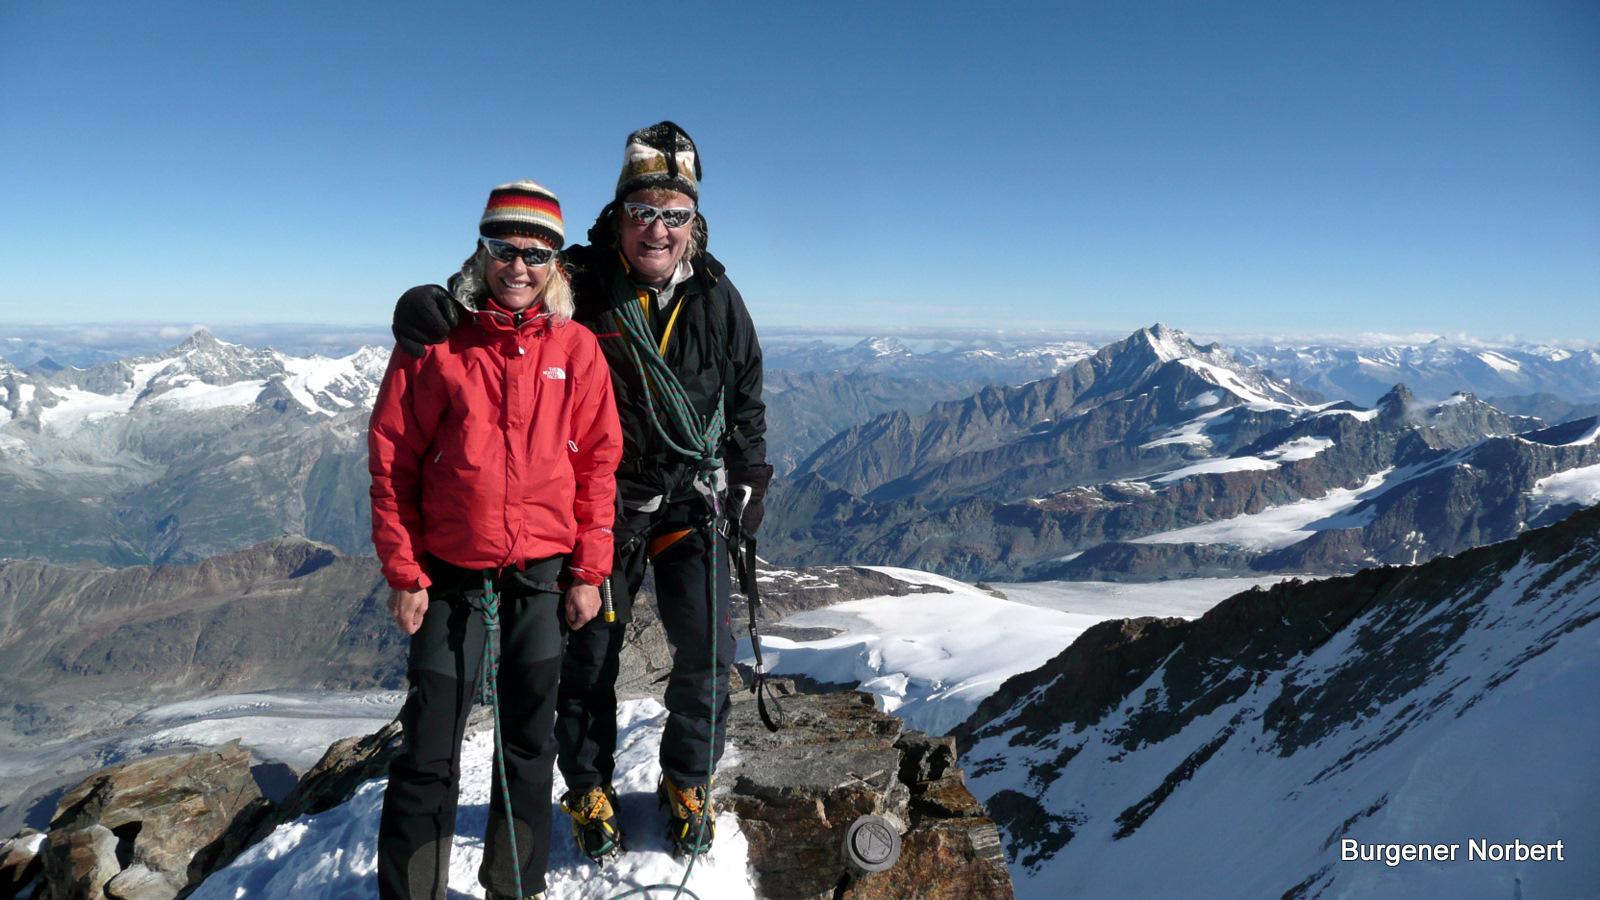 Vom Dach der Schweiz wünschen Tina & ich allen Freunden nur das Allerbeste im Jahr 2011